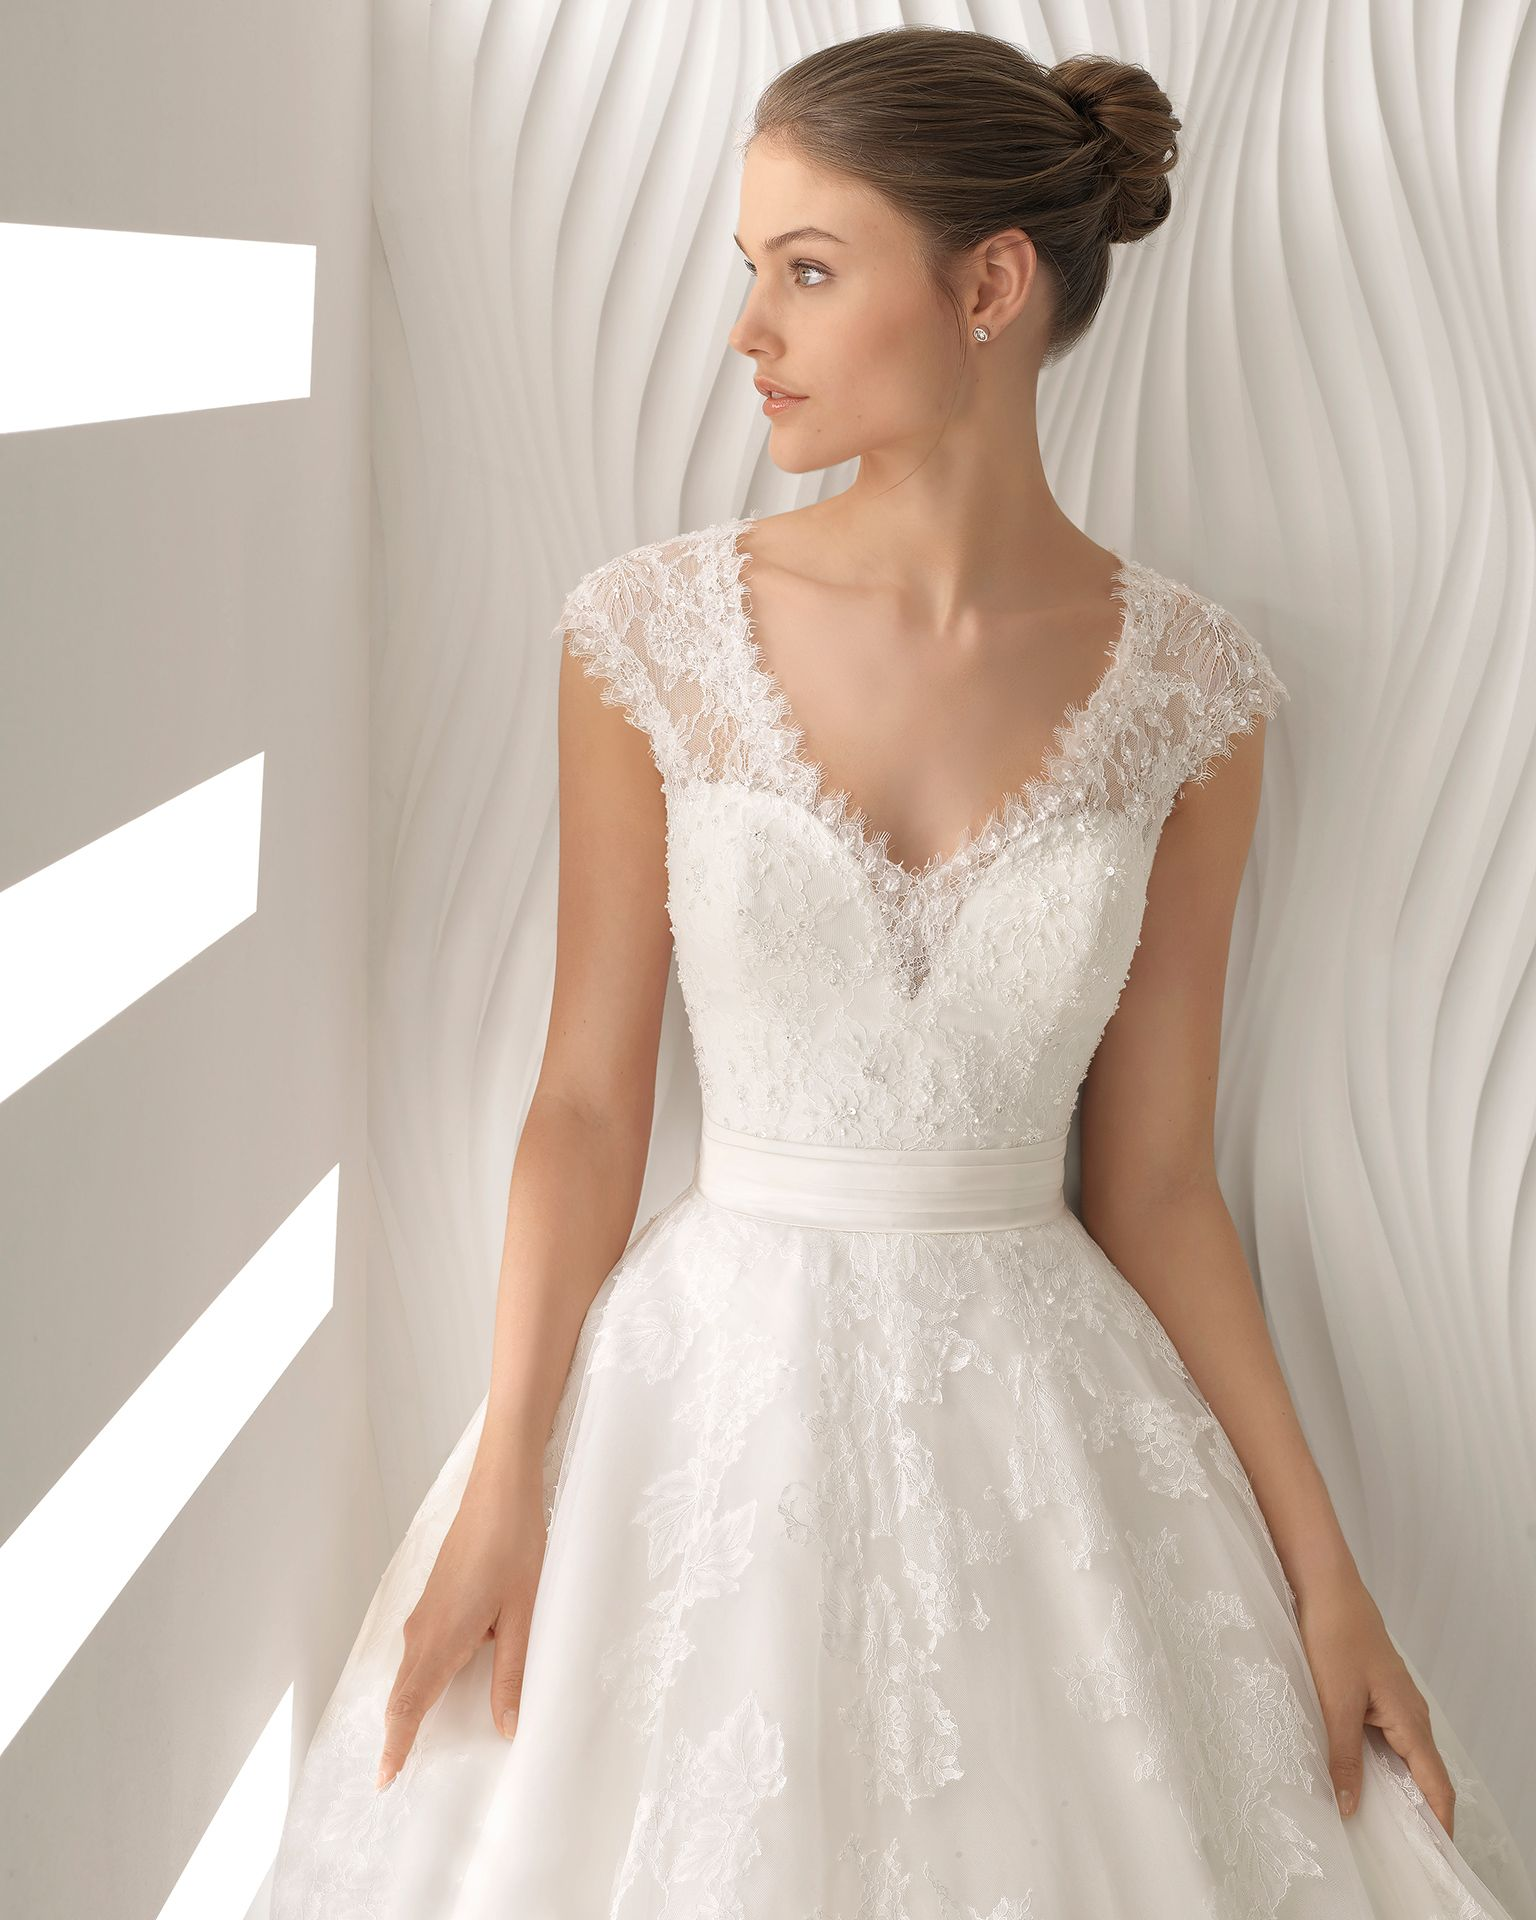 a13685cf6 Vestido de novia Rosa Clara 2018 escote bordados